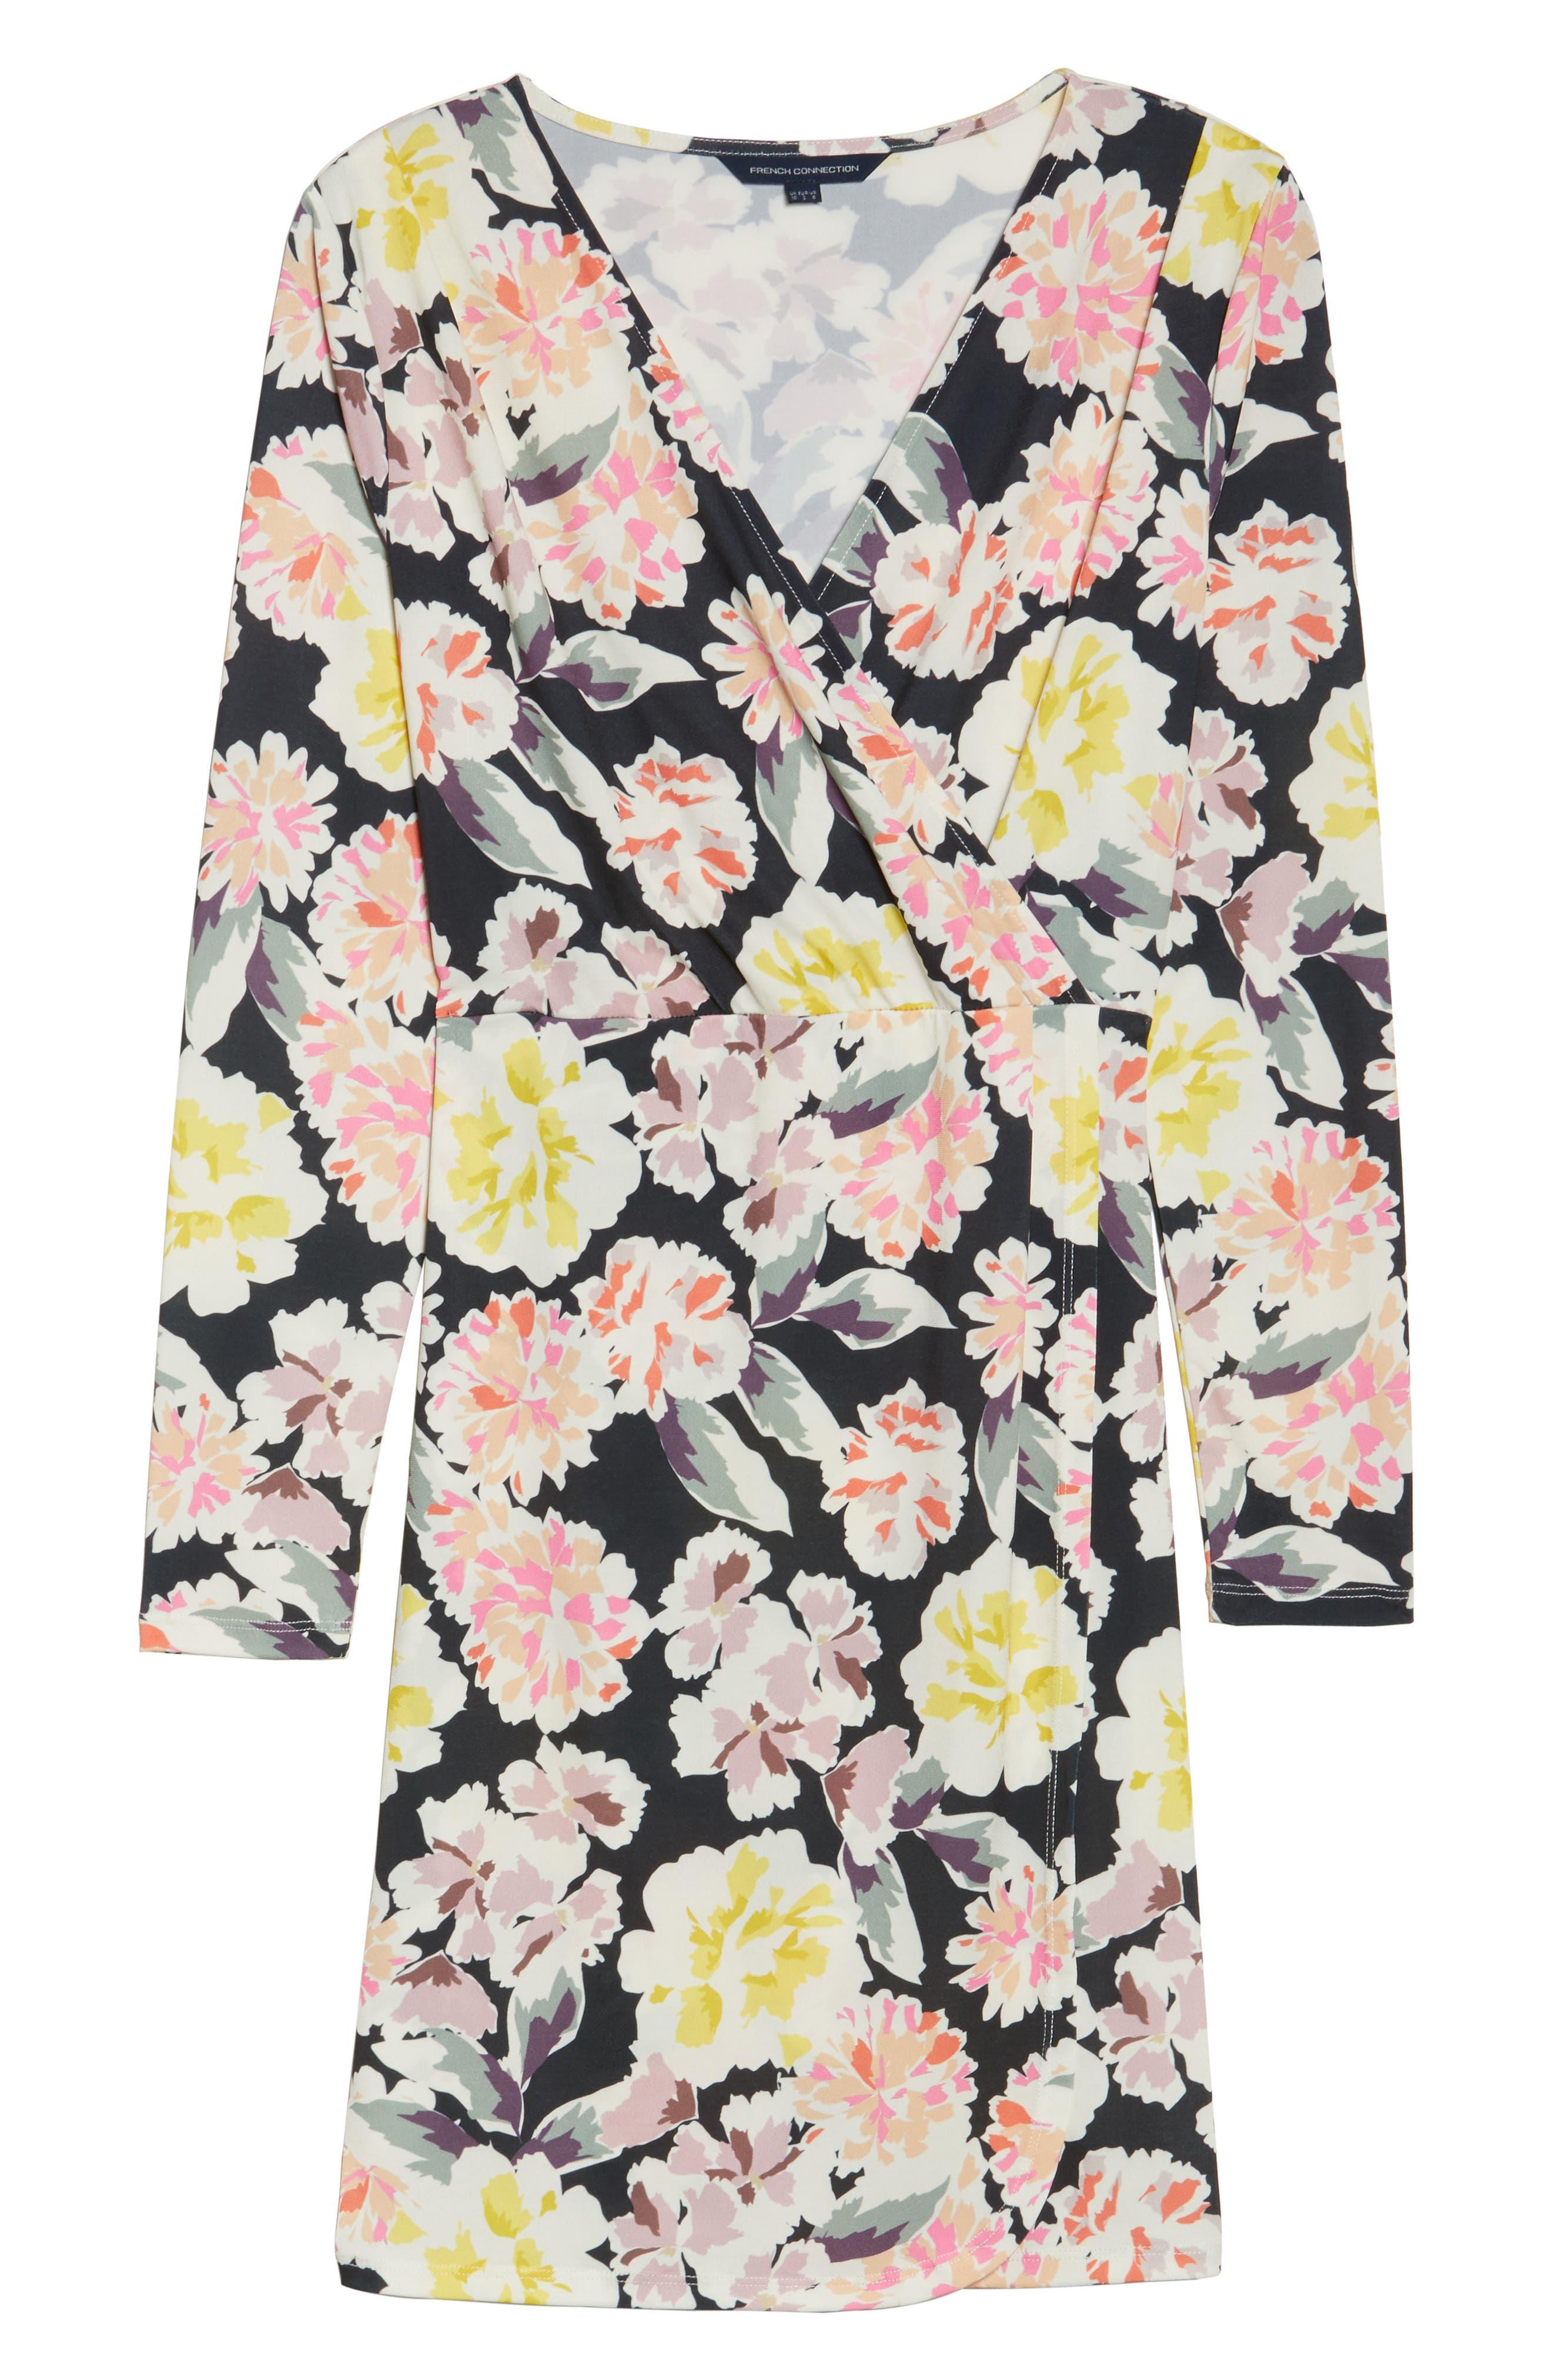 Enoshima Sheath Dress,                             Alternate thumbnail 6, color,                             Black Multi